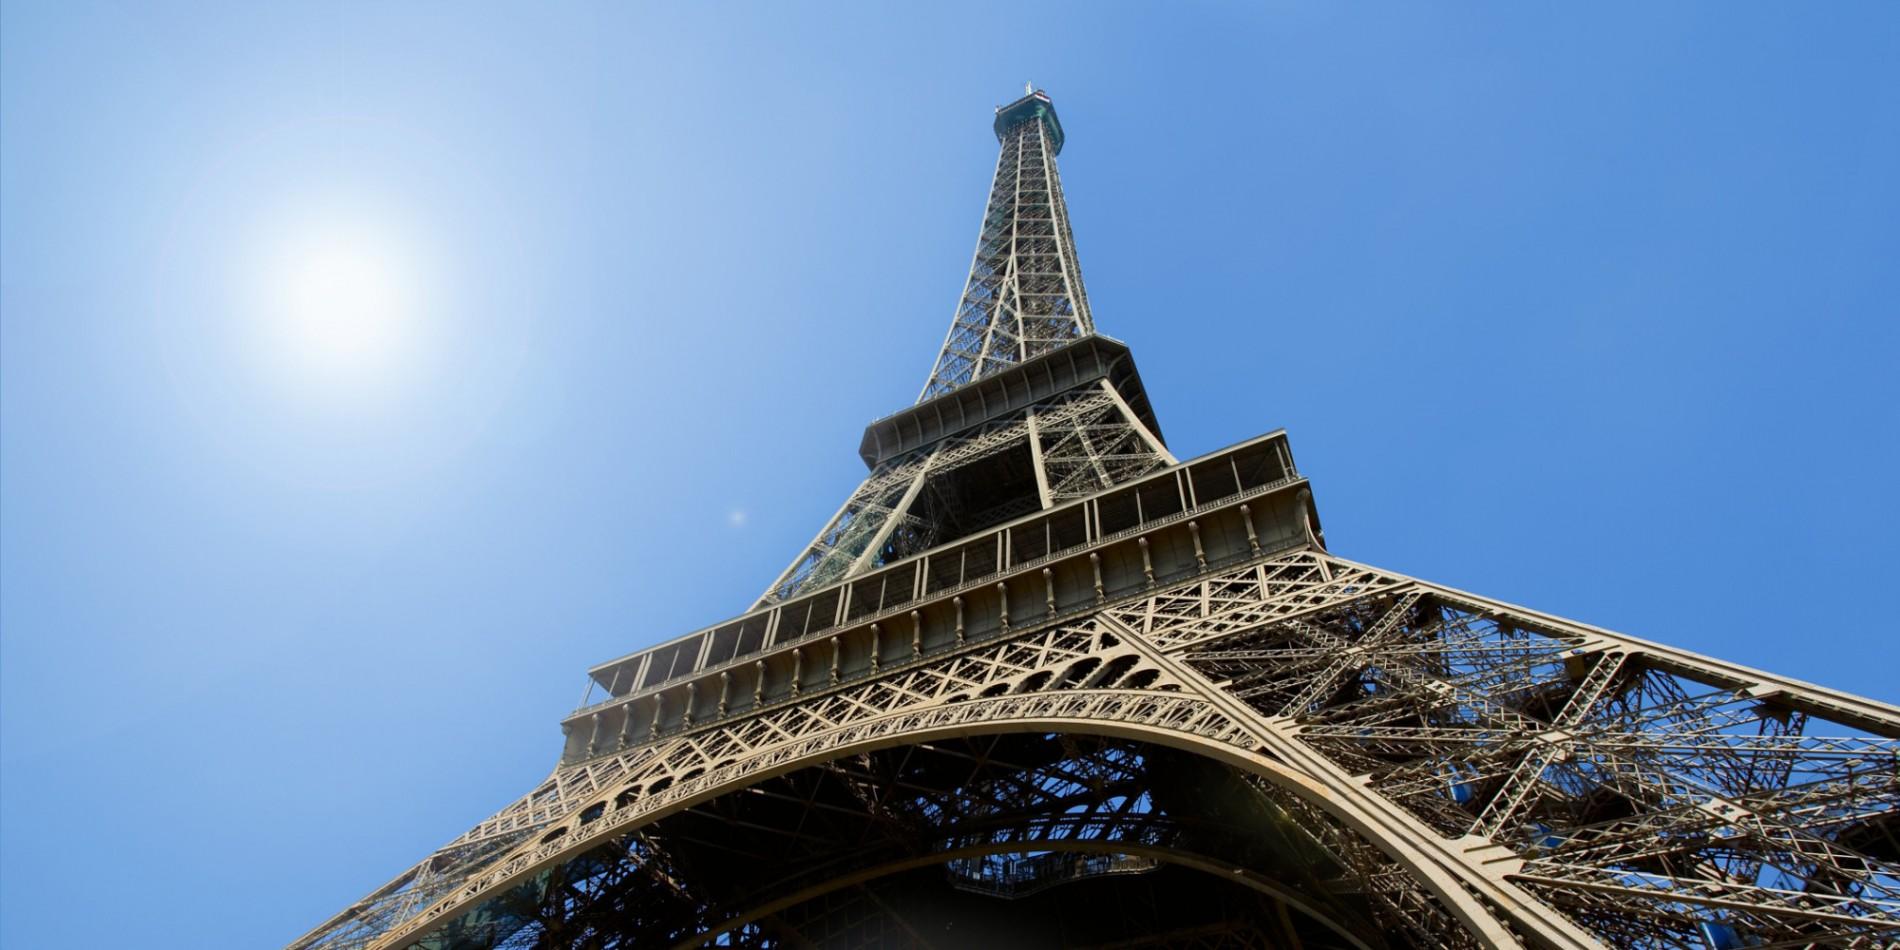 https://www.parigi.it/images/1-coulisses-tour-eiffel-c16357.jpg